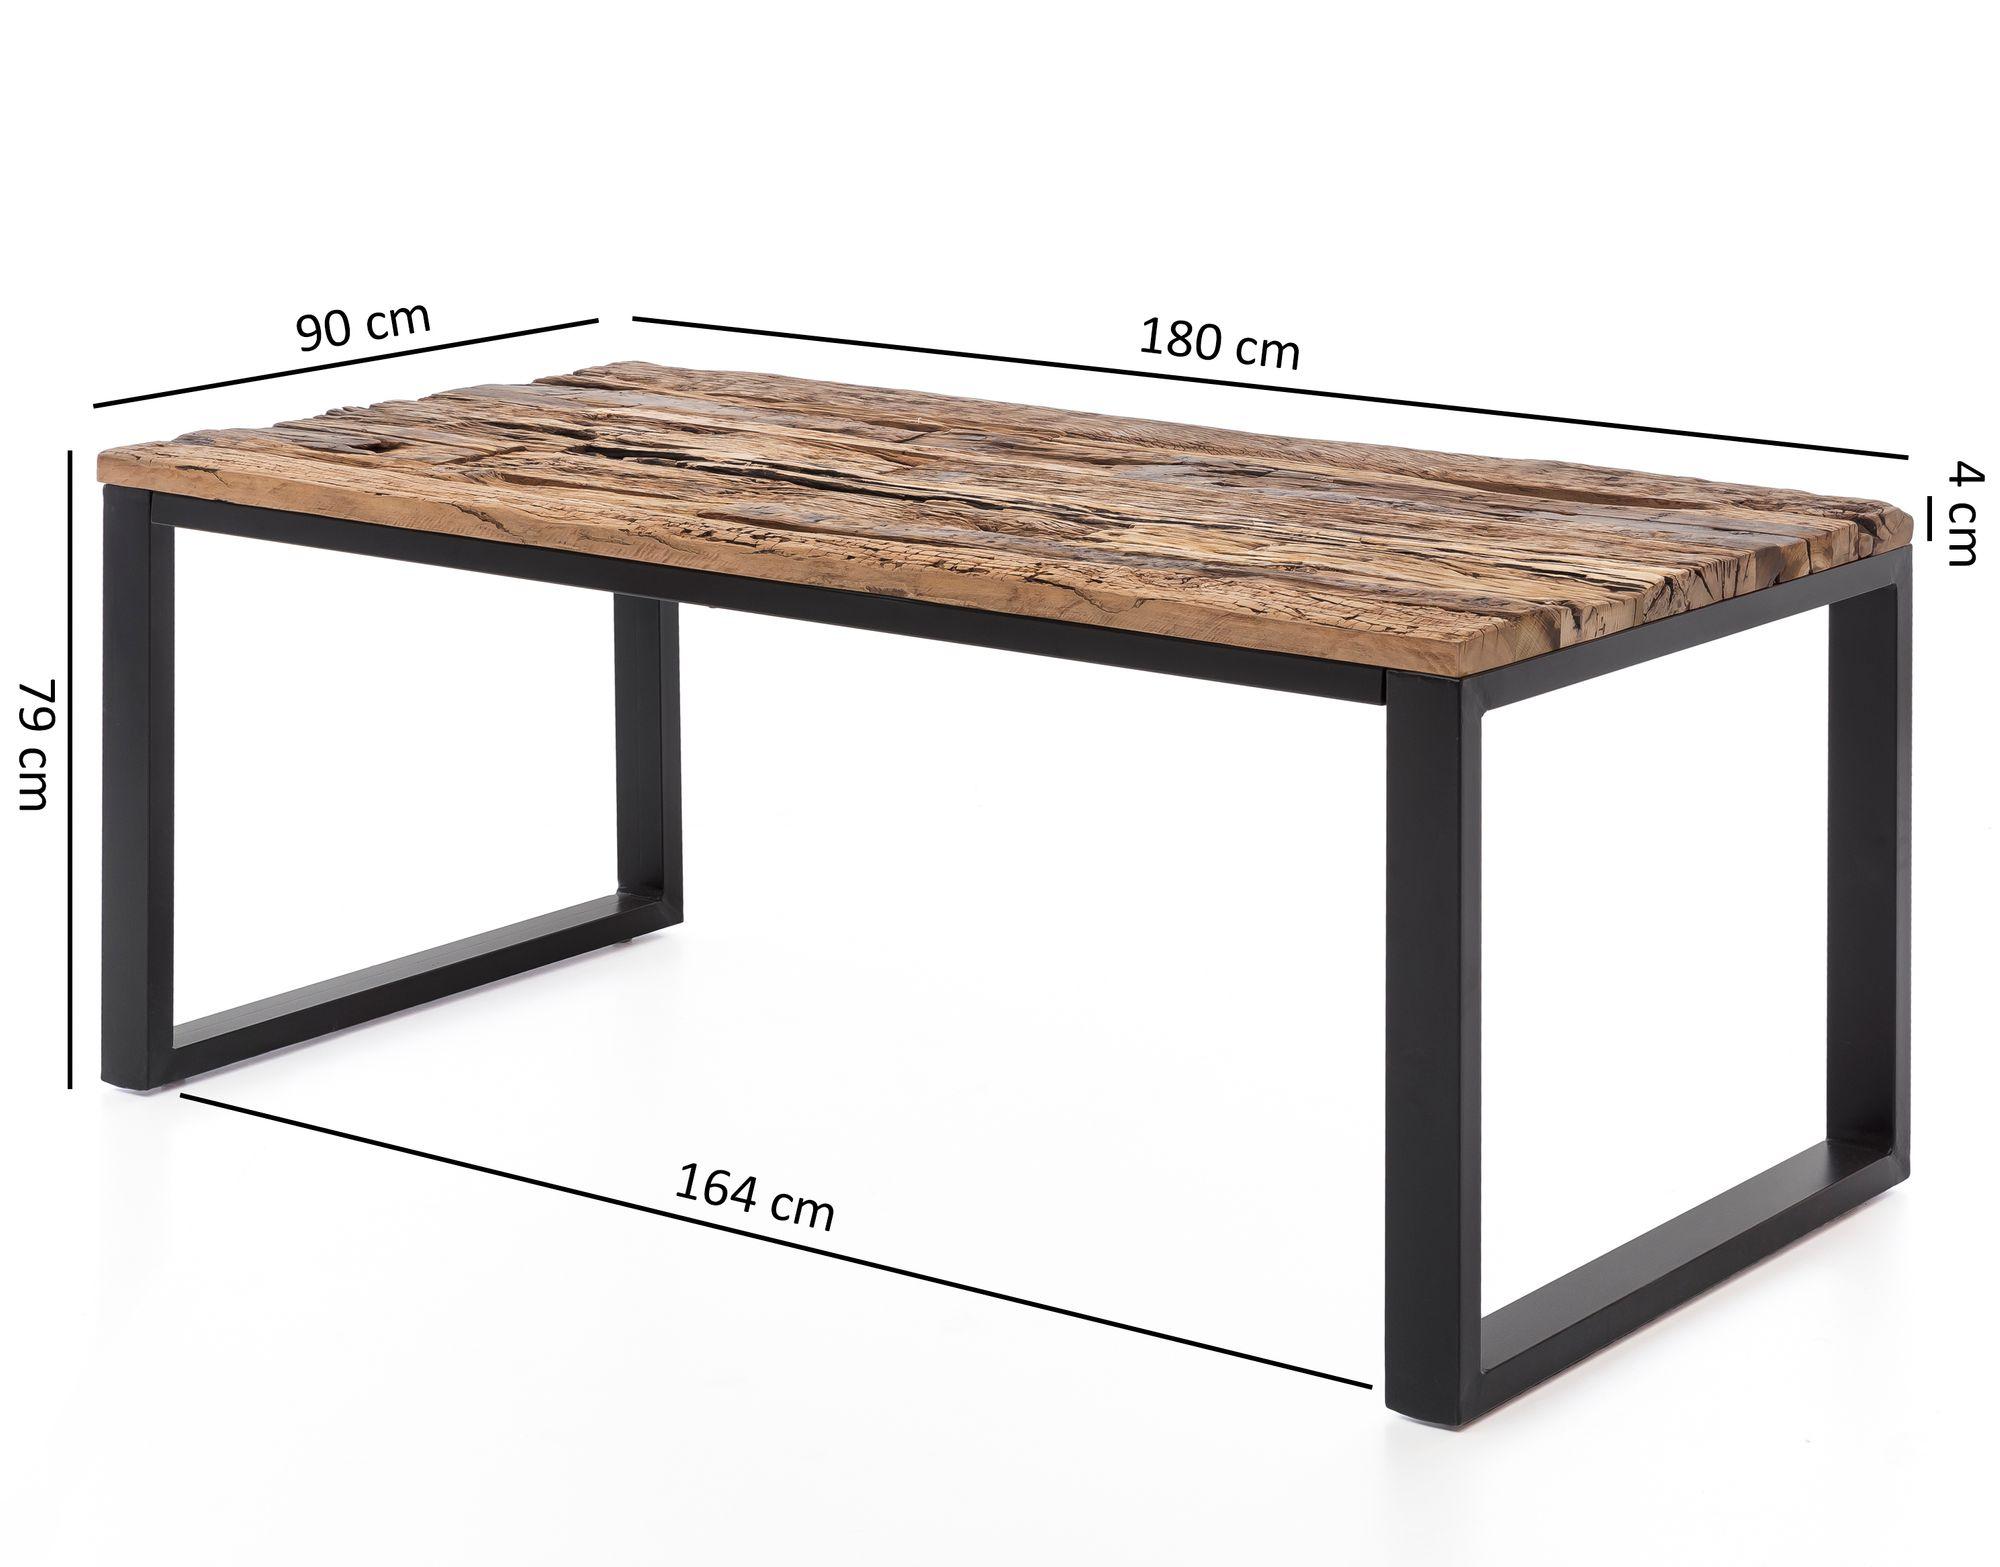 FineBuy Esstisch BALLARI Esszimmertisch Modern Holztisch Massiv   Design  Küchentisch Groß   Massivholztisch Esszimmer Industrial Style